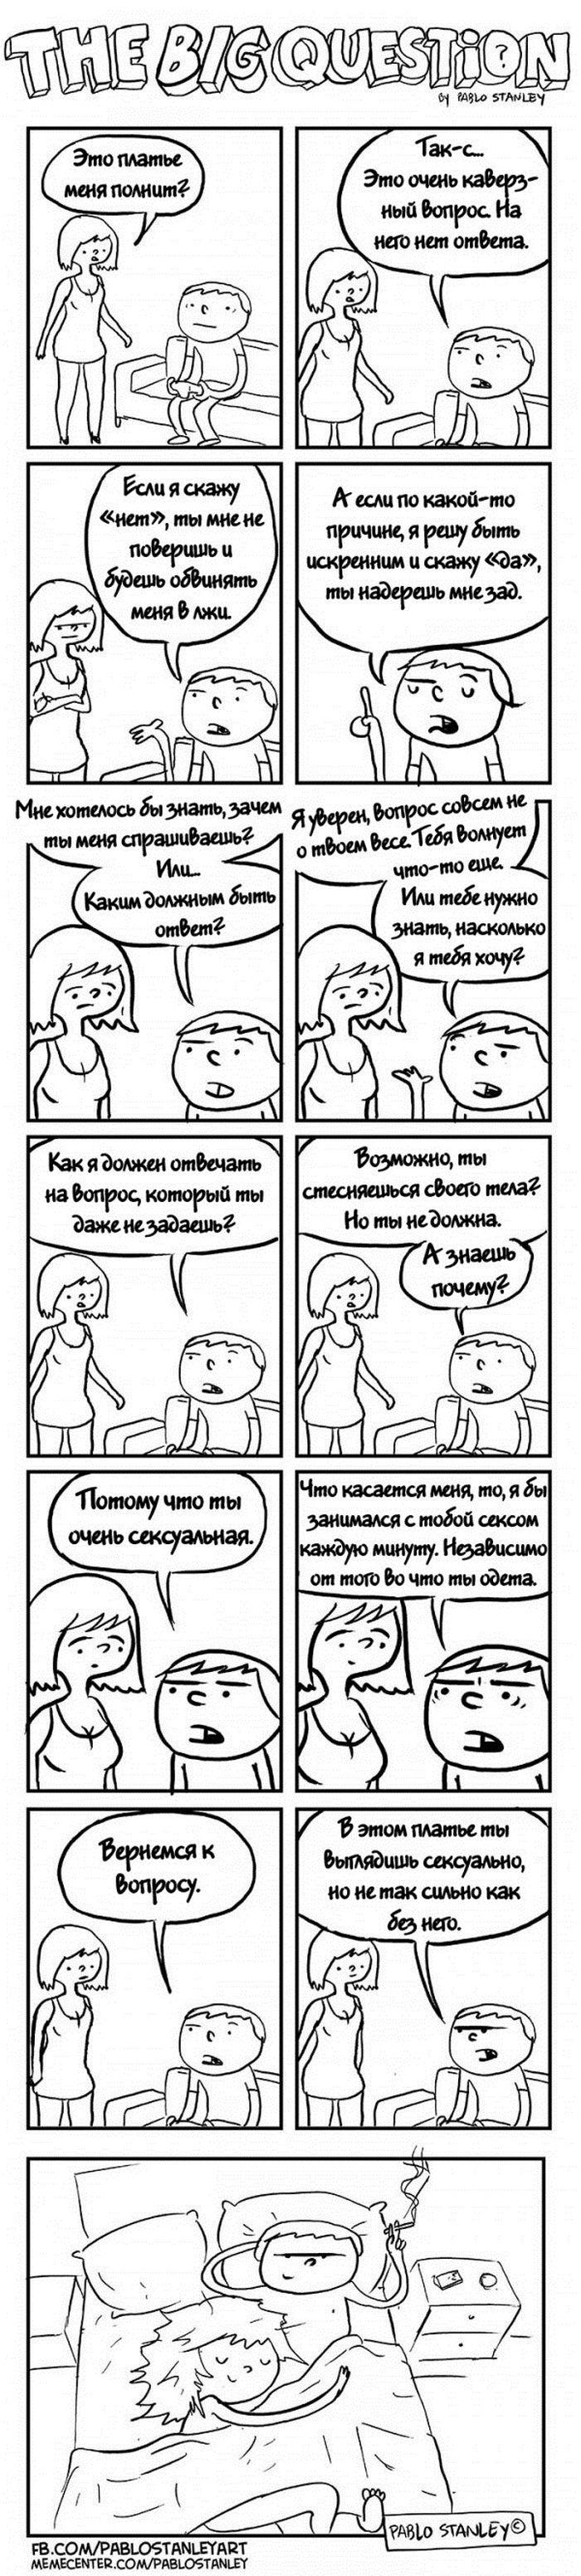 Как ответить на каверзный женский вопрос (1 картинка)